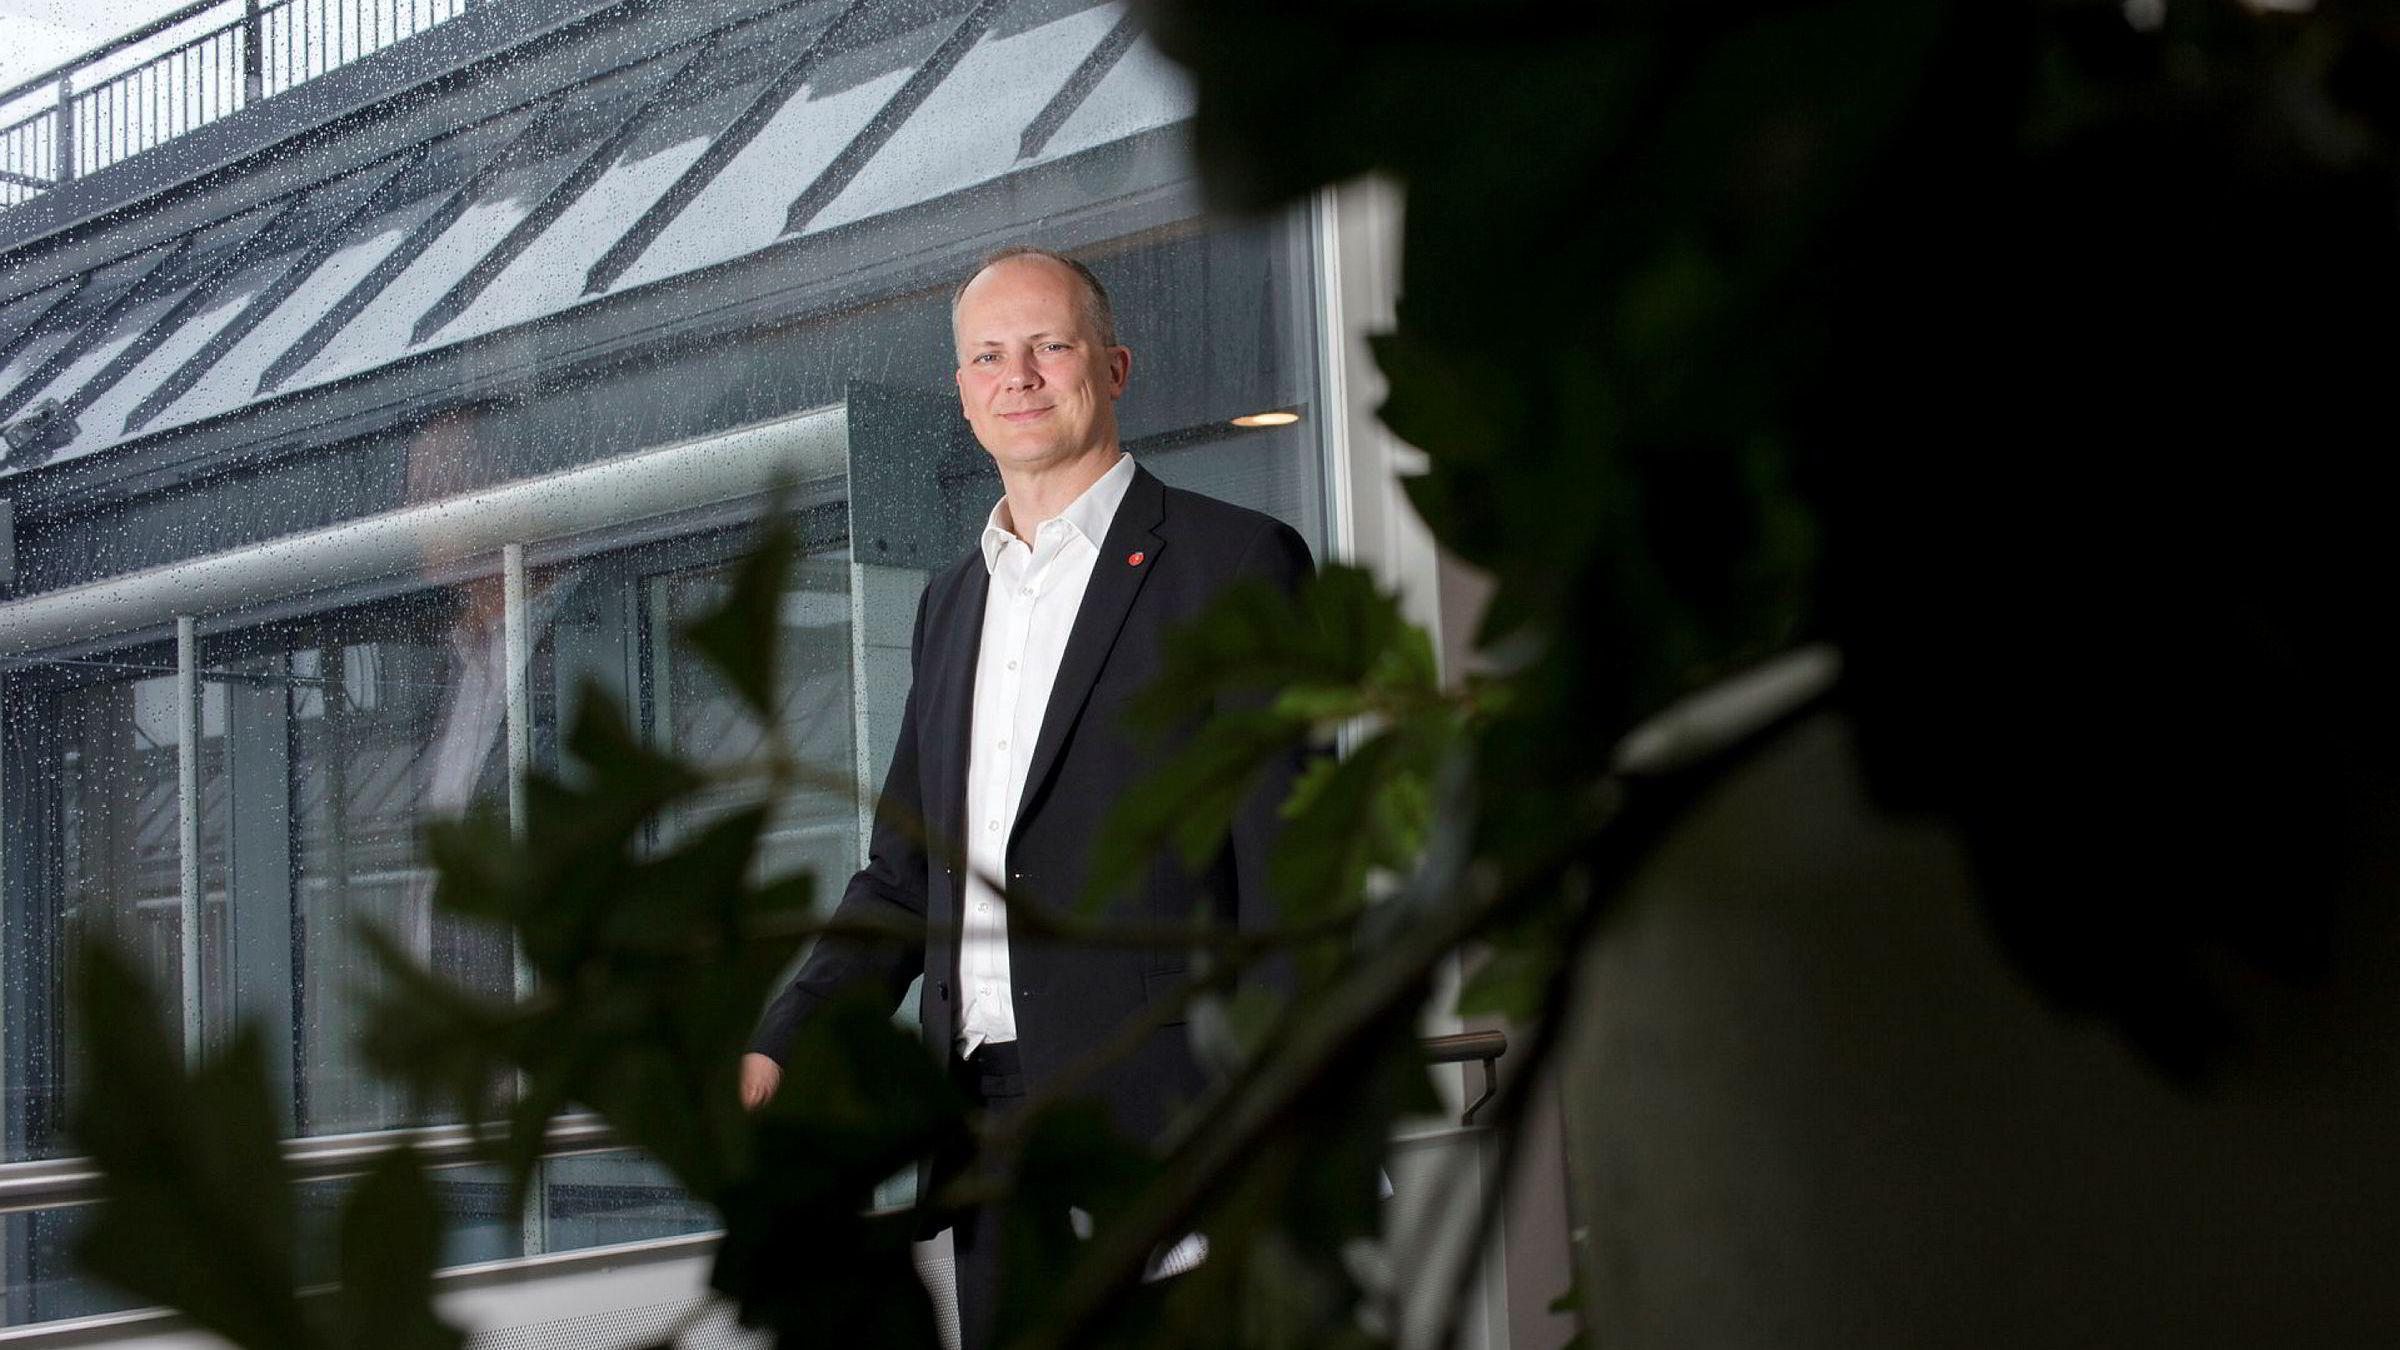 Samferdselsminister Ketil Solvik-Olsen i (Frp).